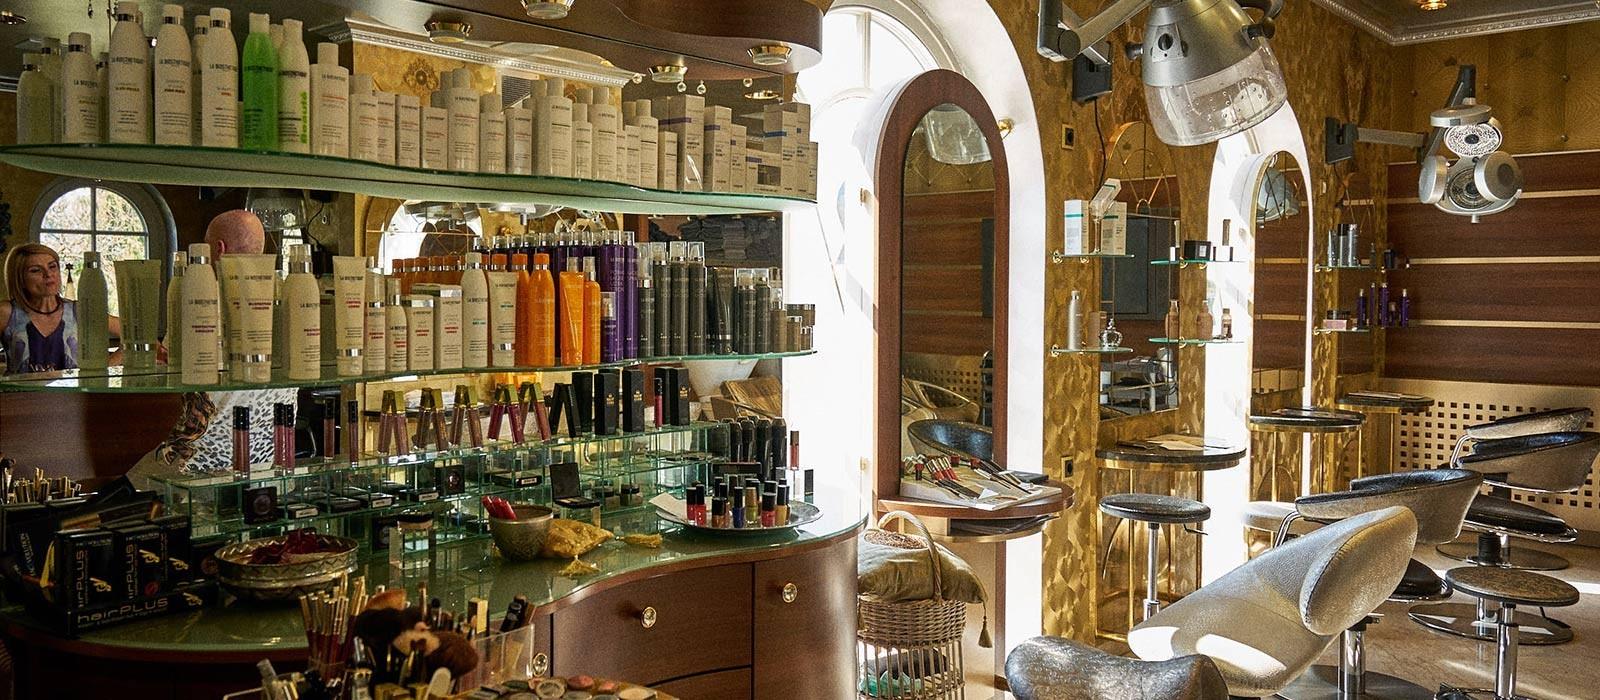 Salon Valentin | Friseur in der Steiermark